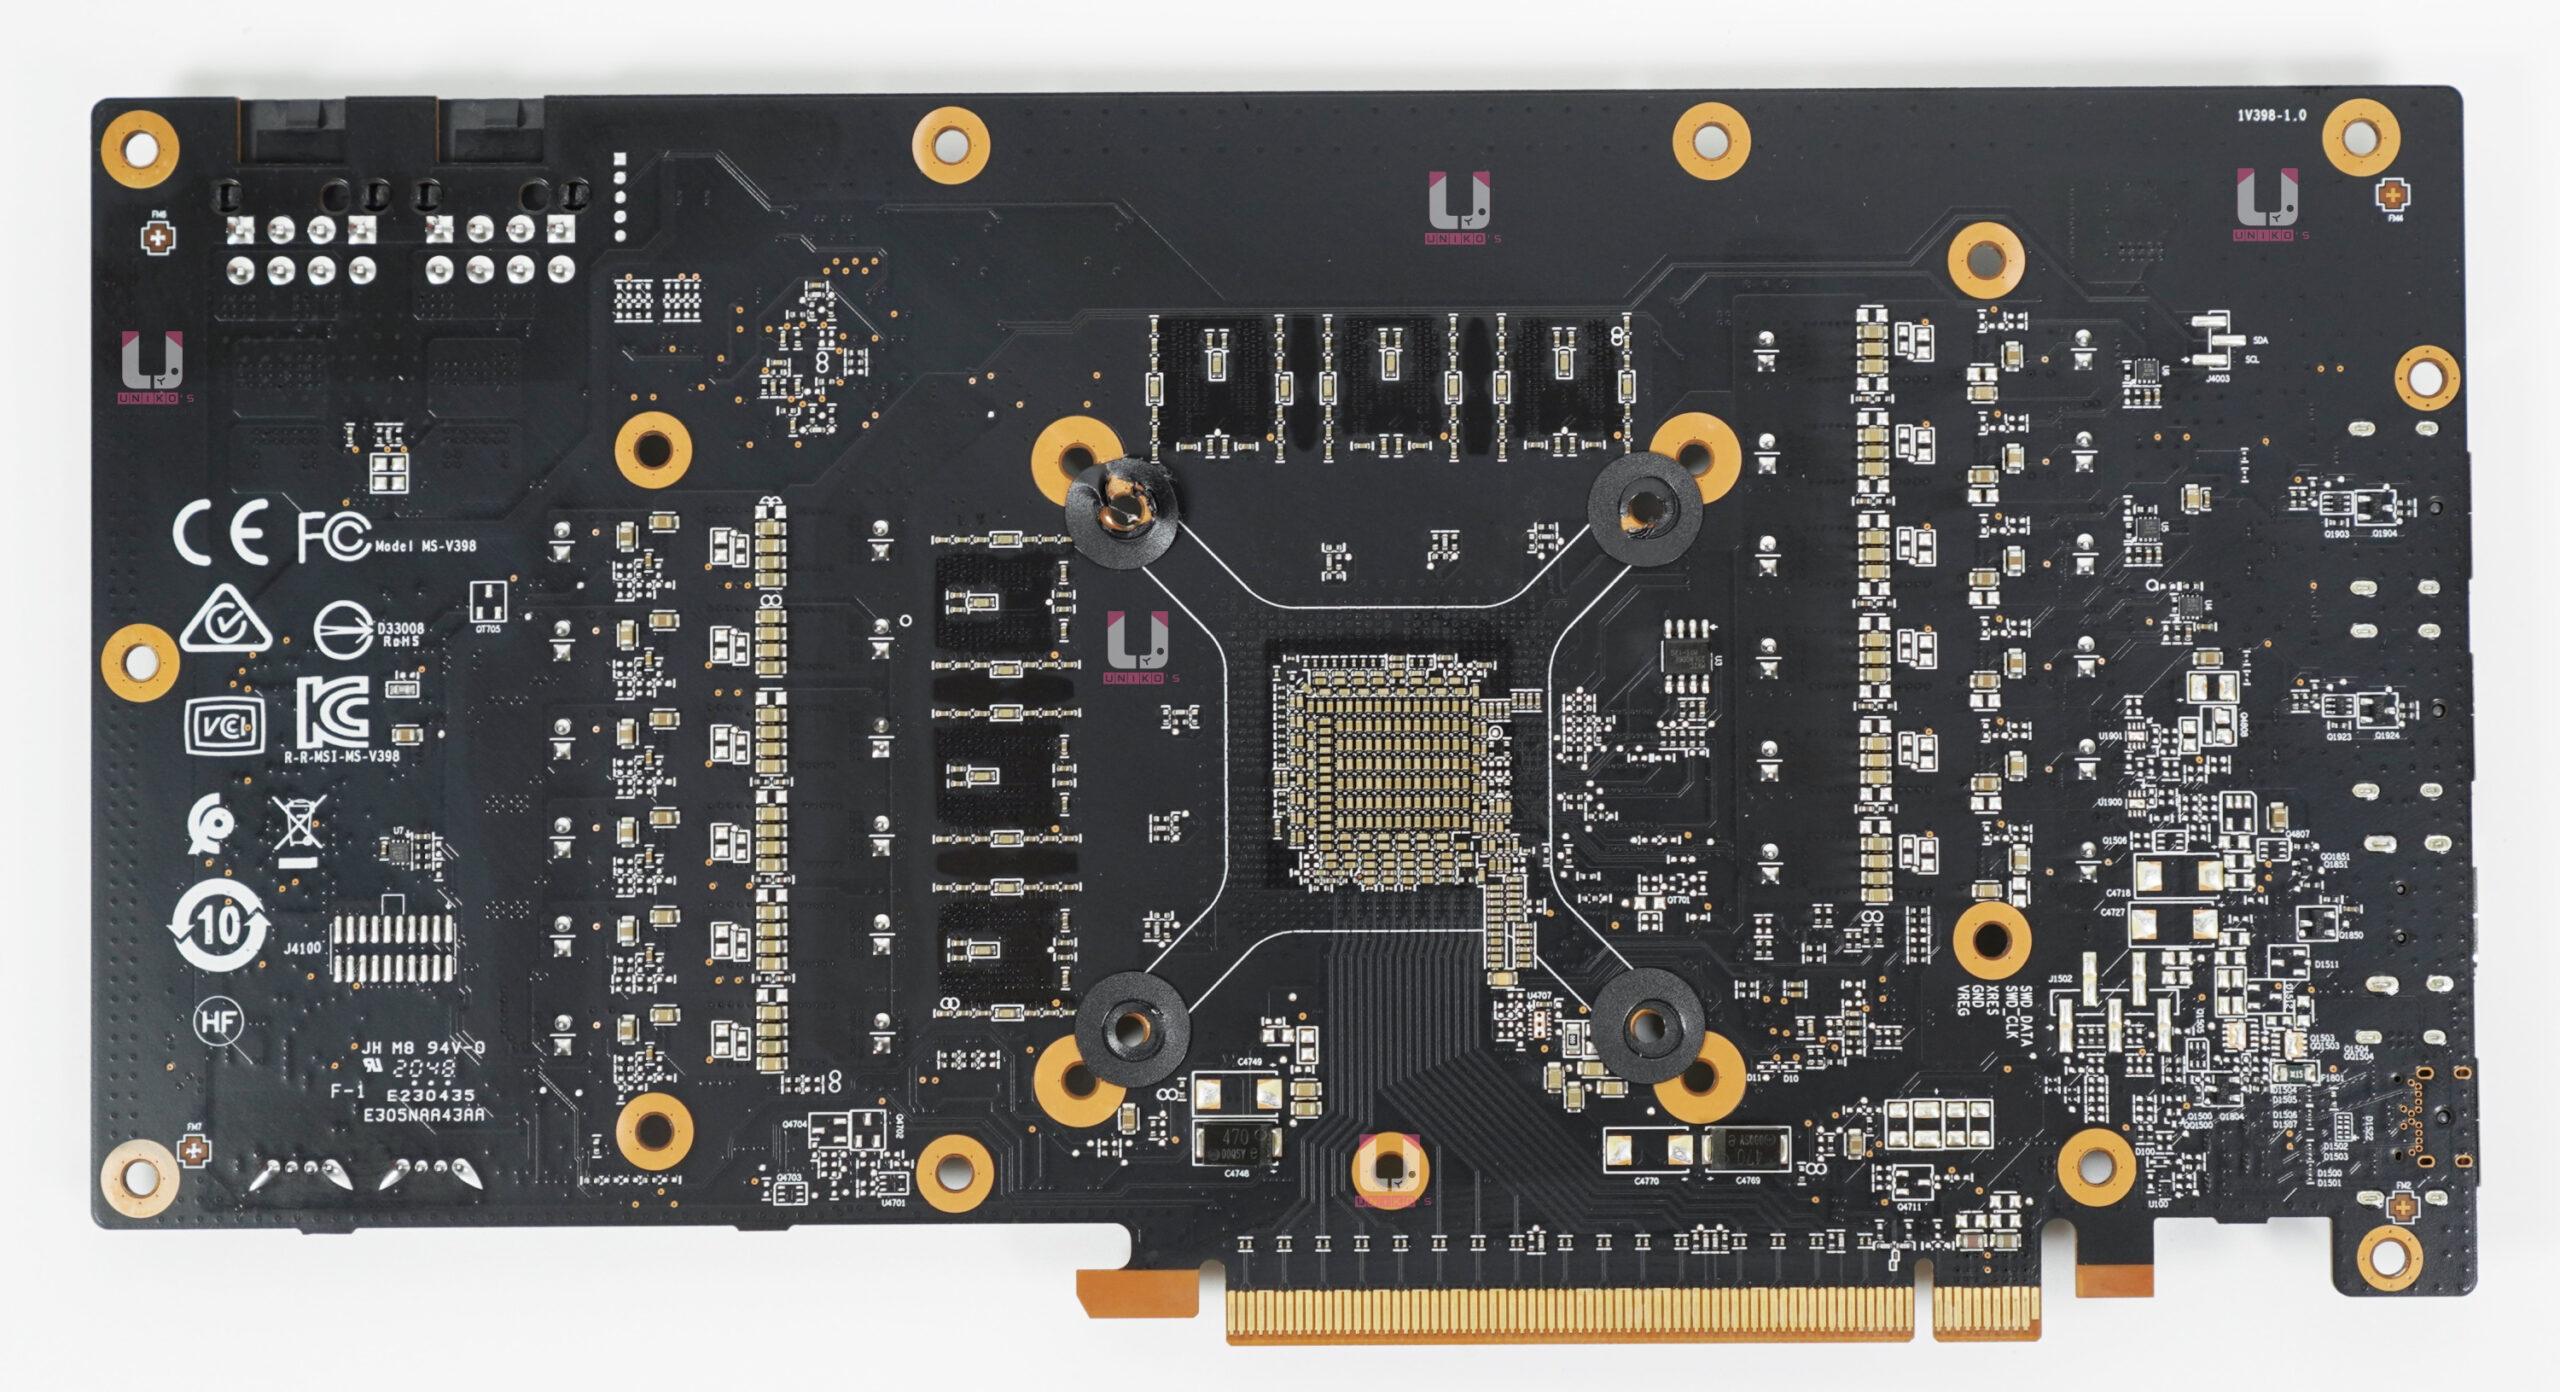 MSI Radeon RX 6700 XT GAMING X 12G PCB 背面。